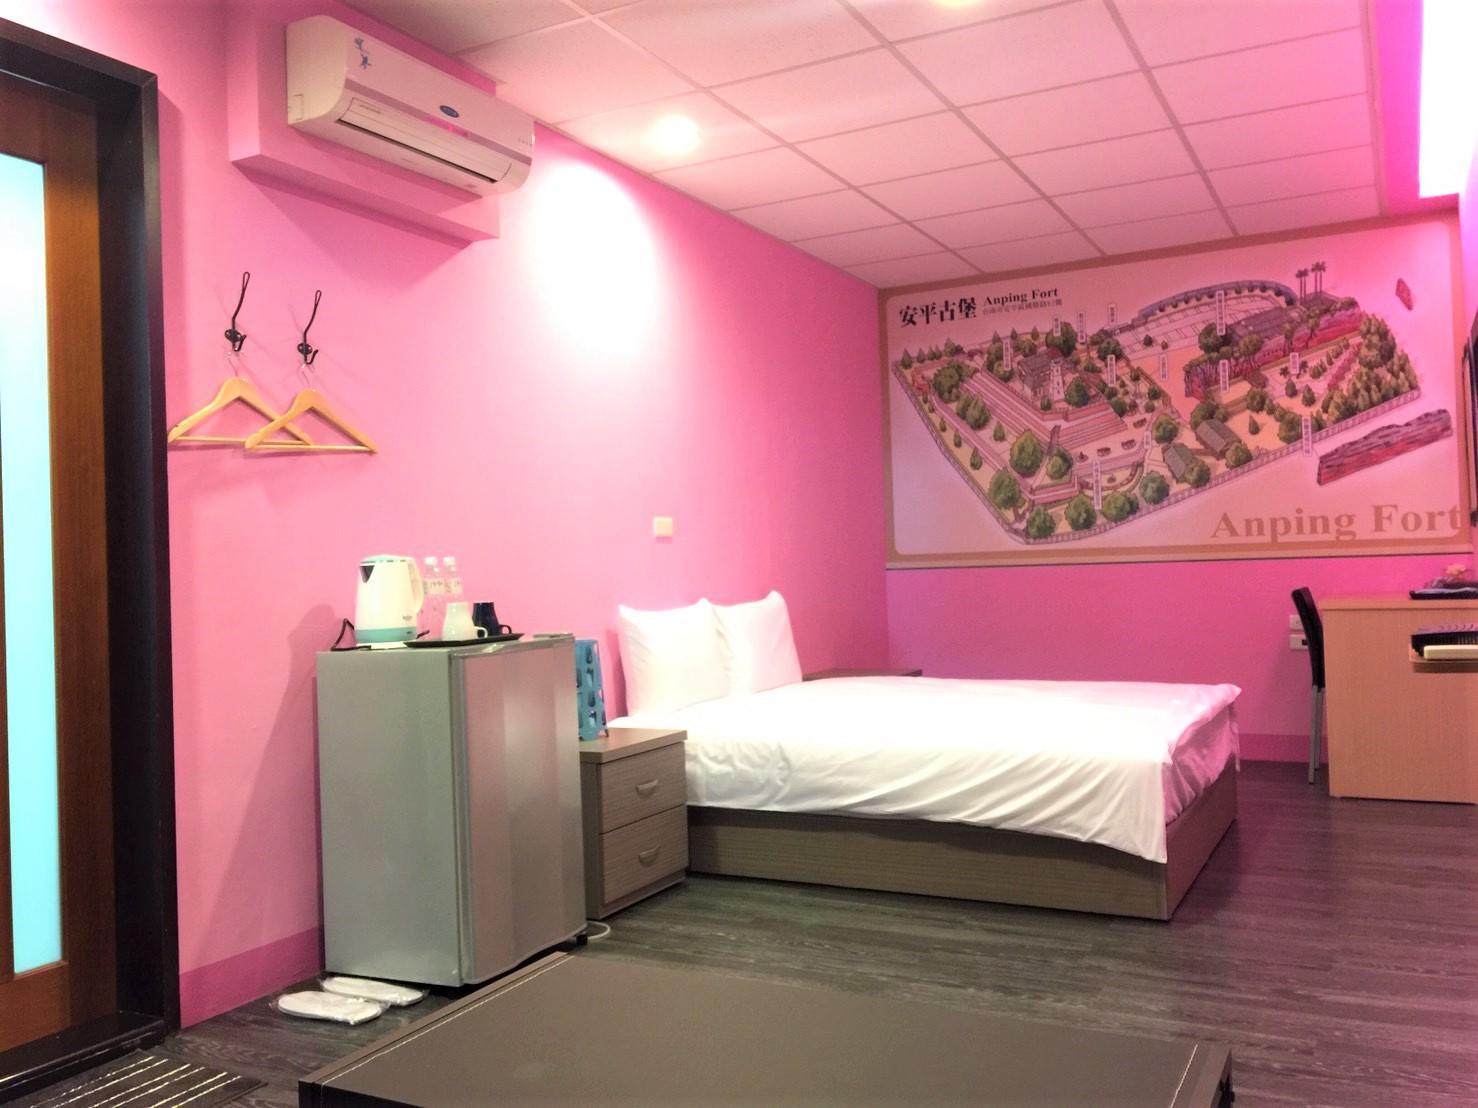 【住宿】臺南。歡迎商務飯店~低價便宜又不錯耶^口^   保安路214號